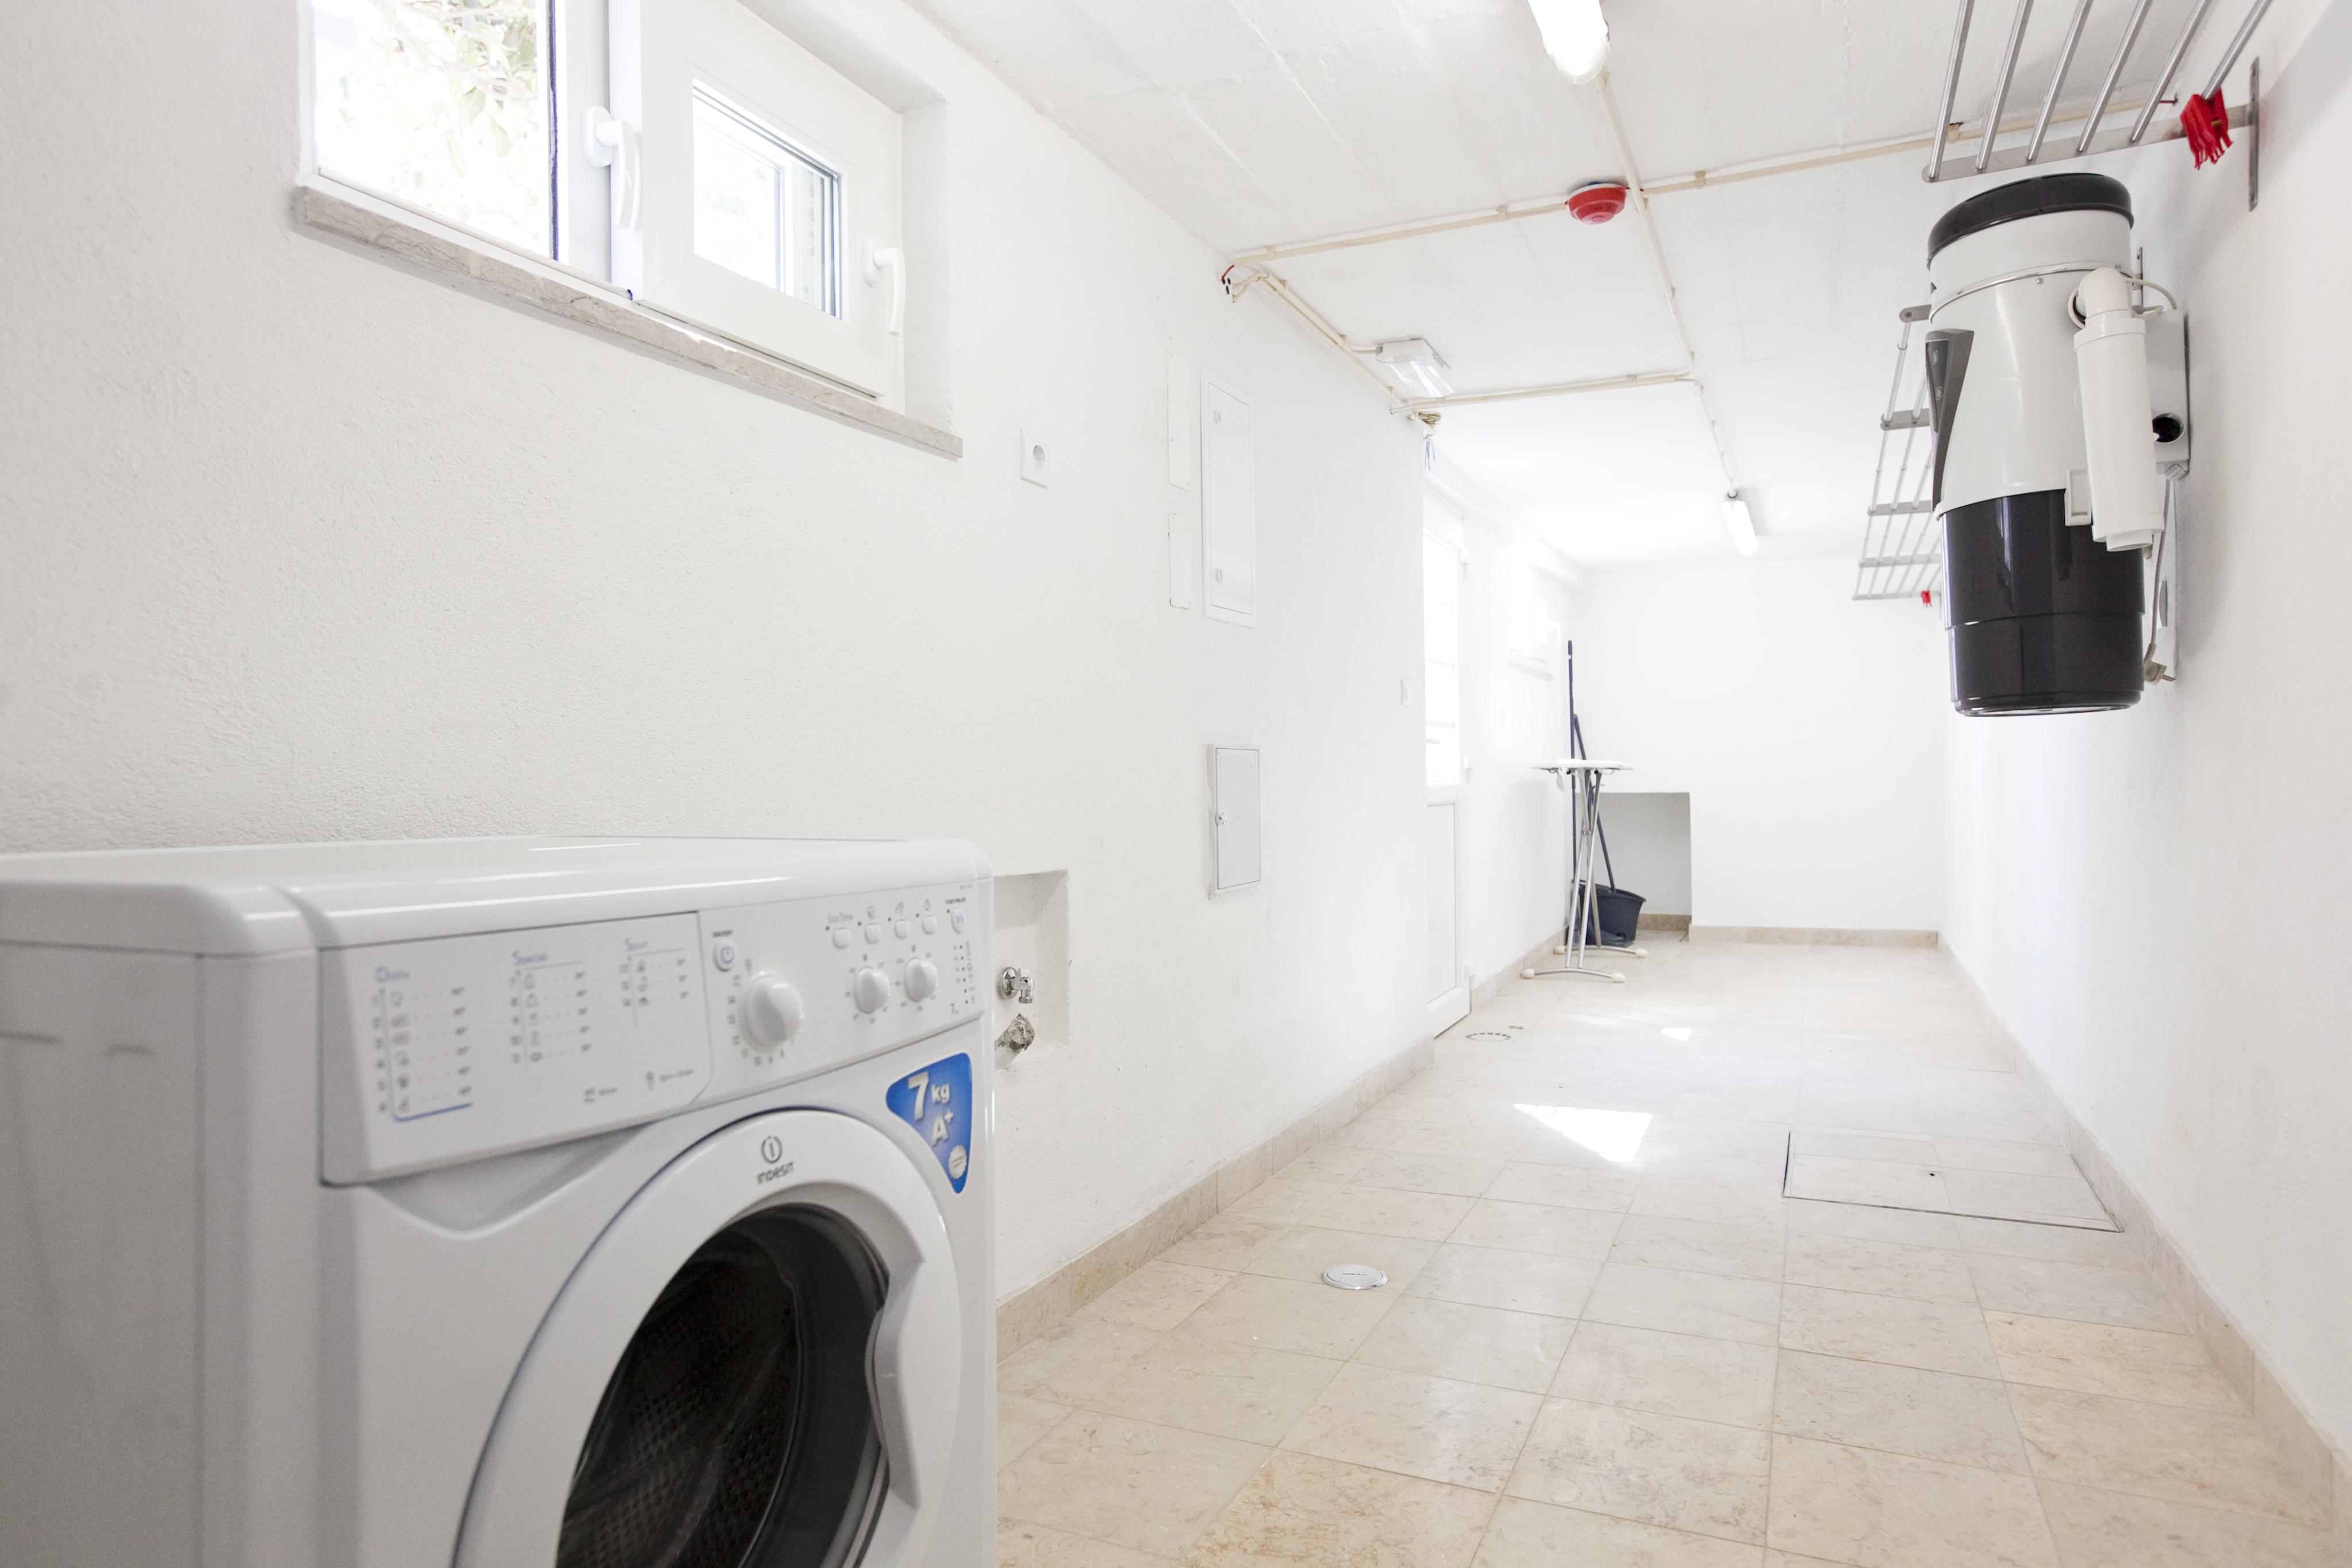 TE - Lavandaria.Laundry Area - Foto 1.JPG